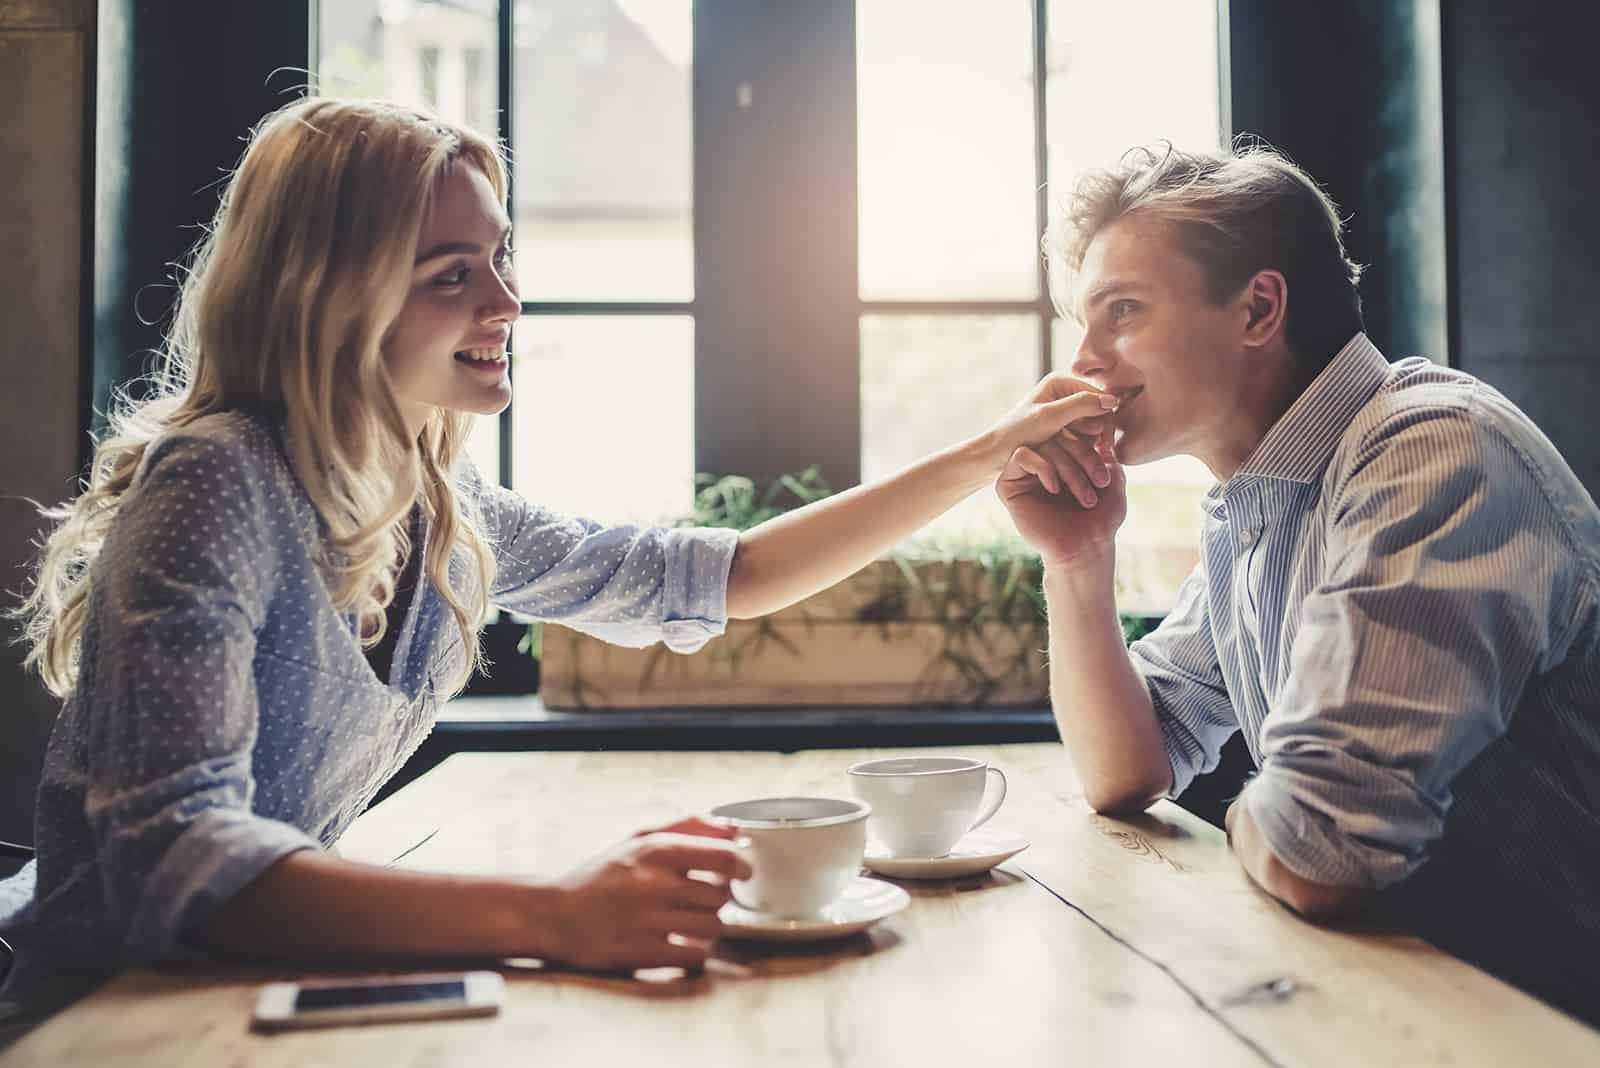 Ein Mann küsste die Hand einer lächelnden Frau, während er zusammen im Café saß